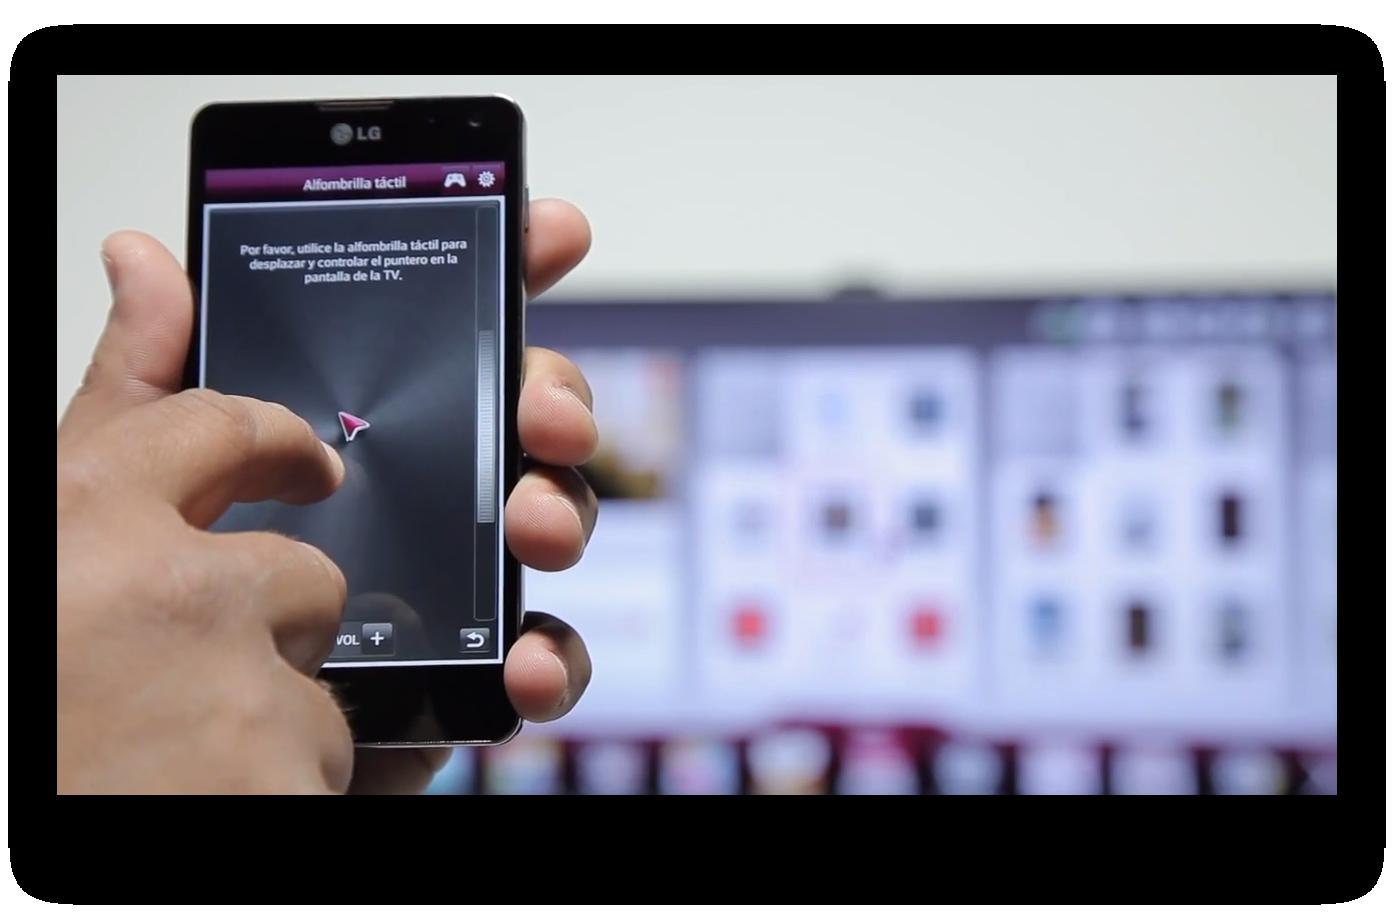 Come usare un telecomando su Android? 3